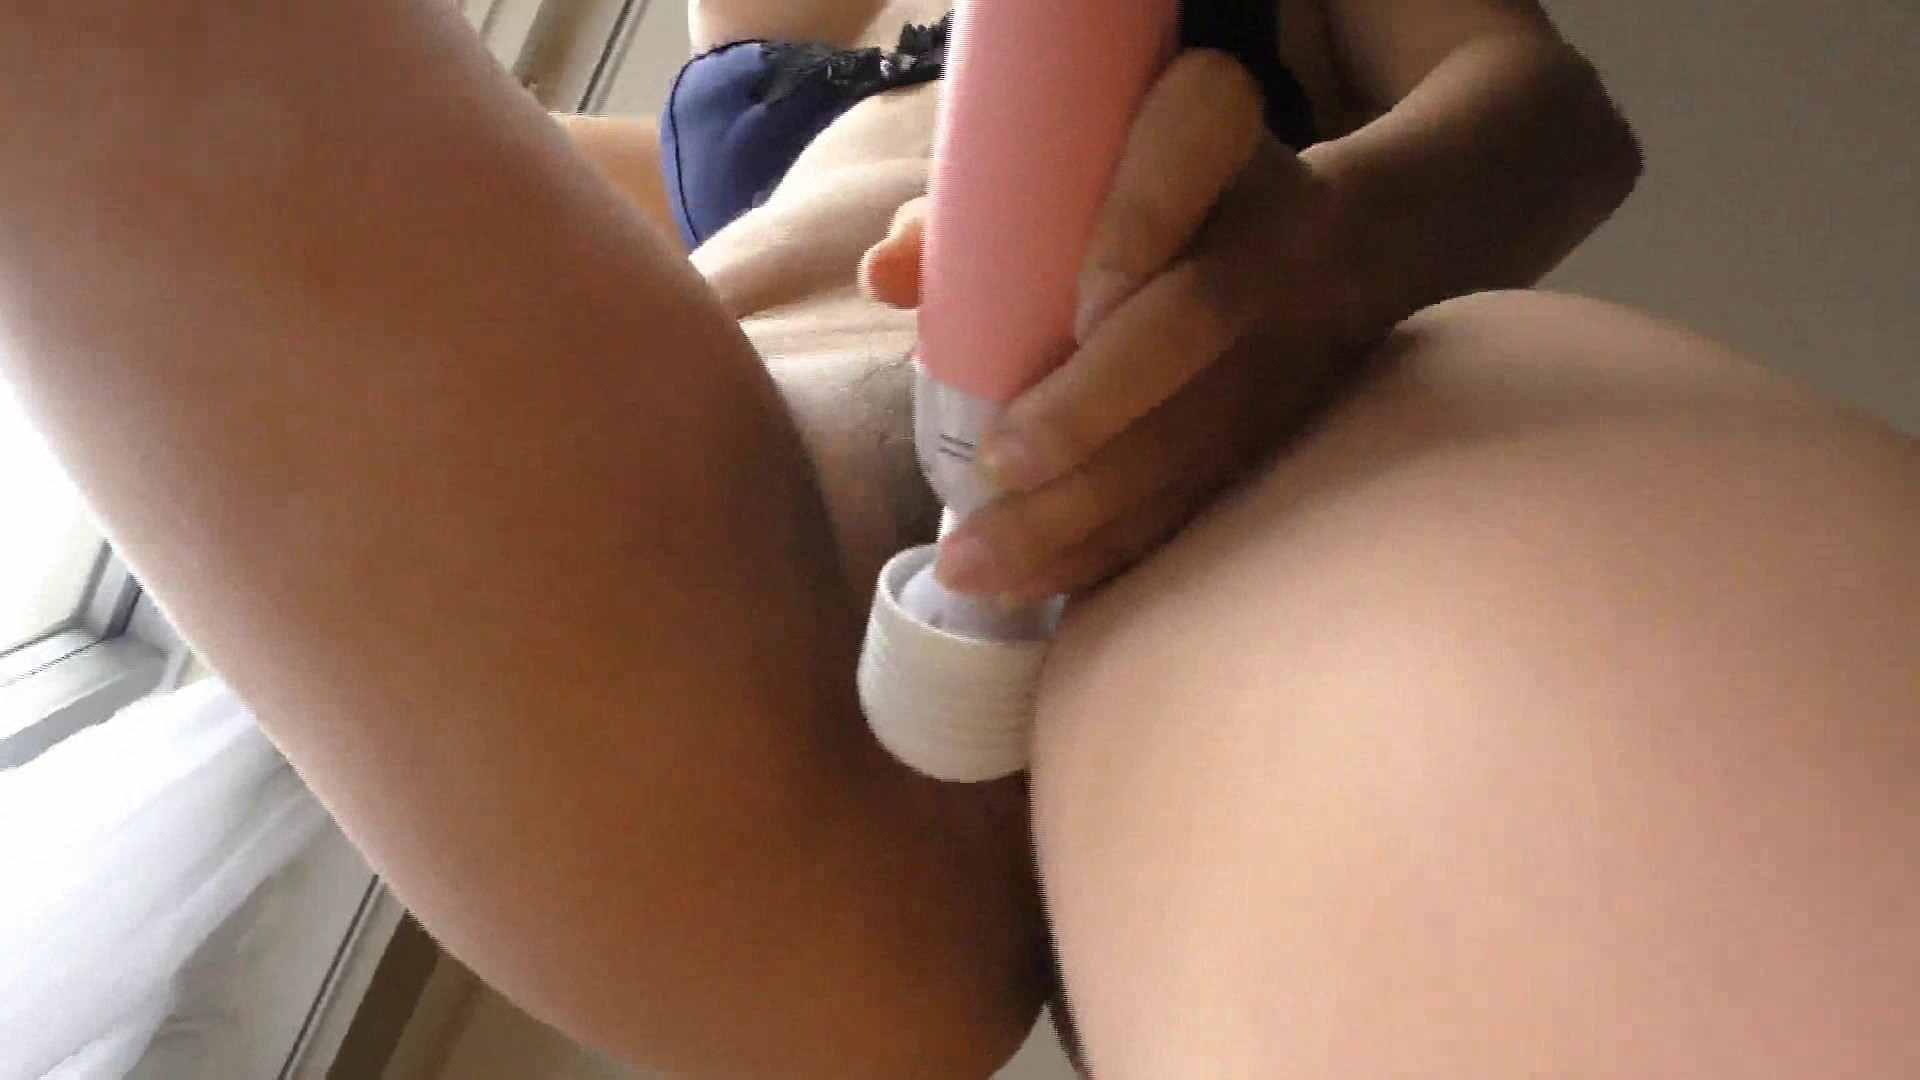 素人S級美女特選!小悪魔ギャル噂のビッチガールVol.22 流出作品 ワレメ動画紹介 105pic 94